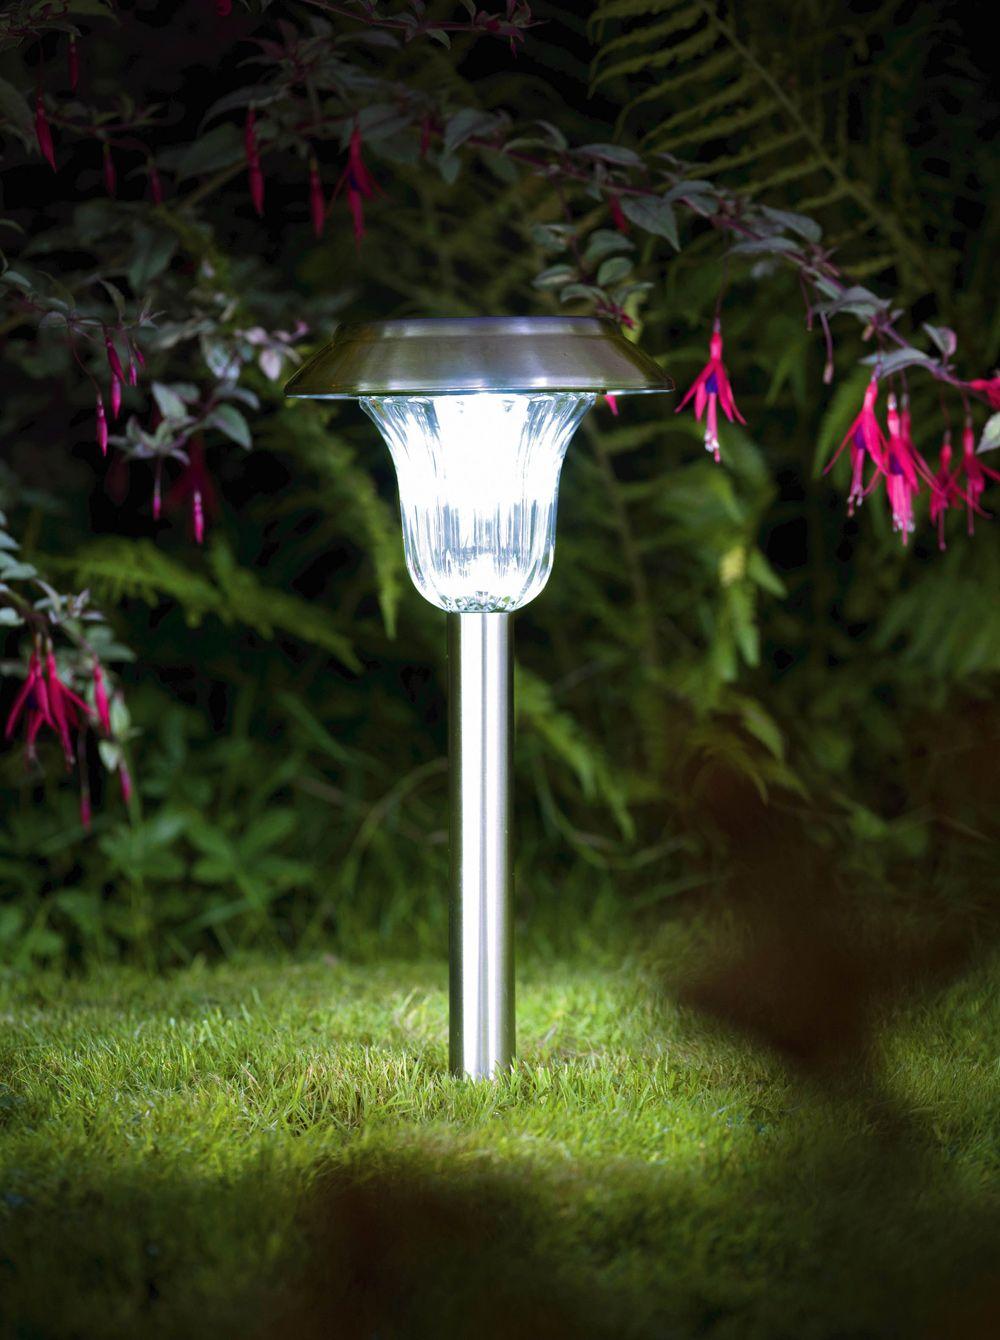 un lampioncino da giardino illuminato da una lampada led